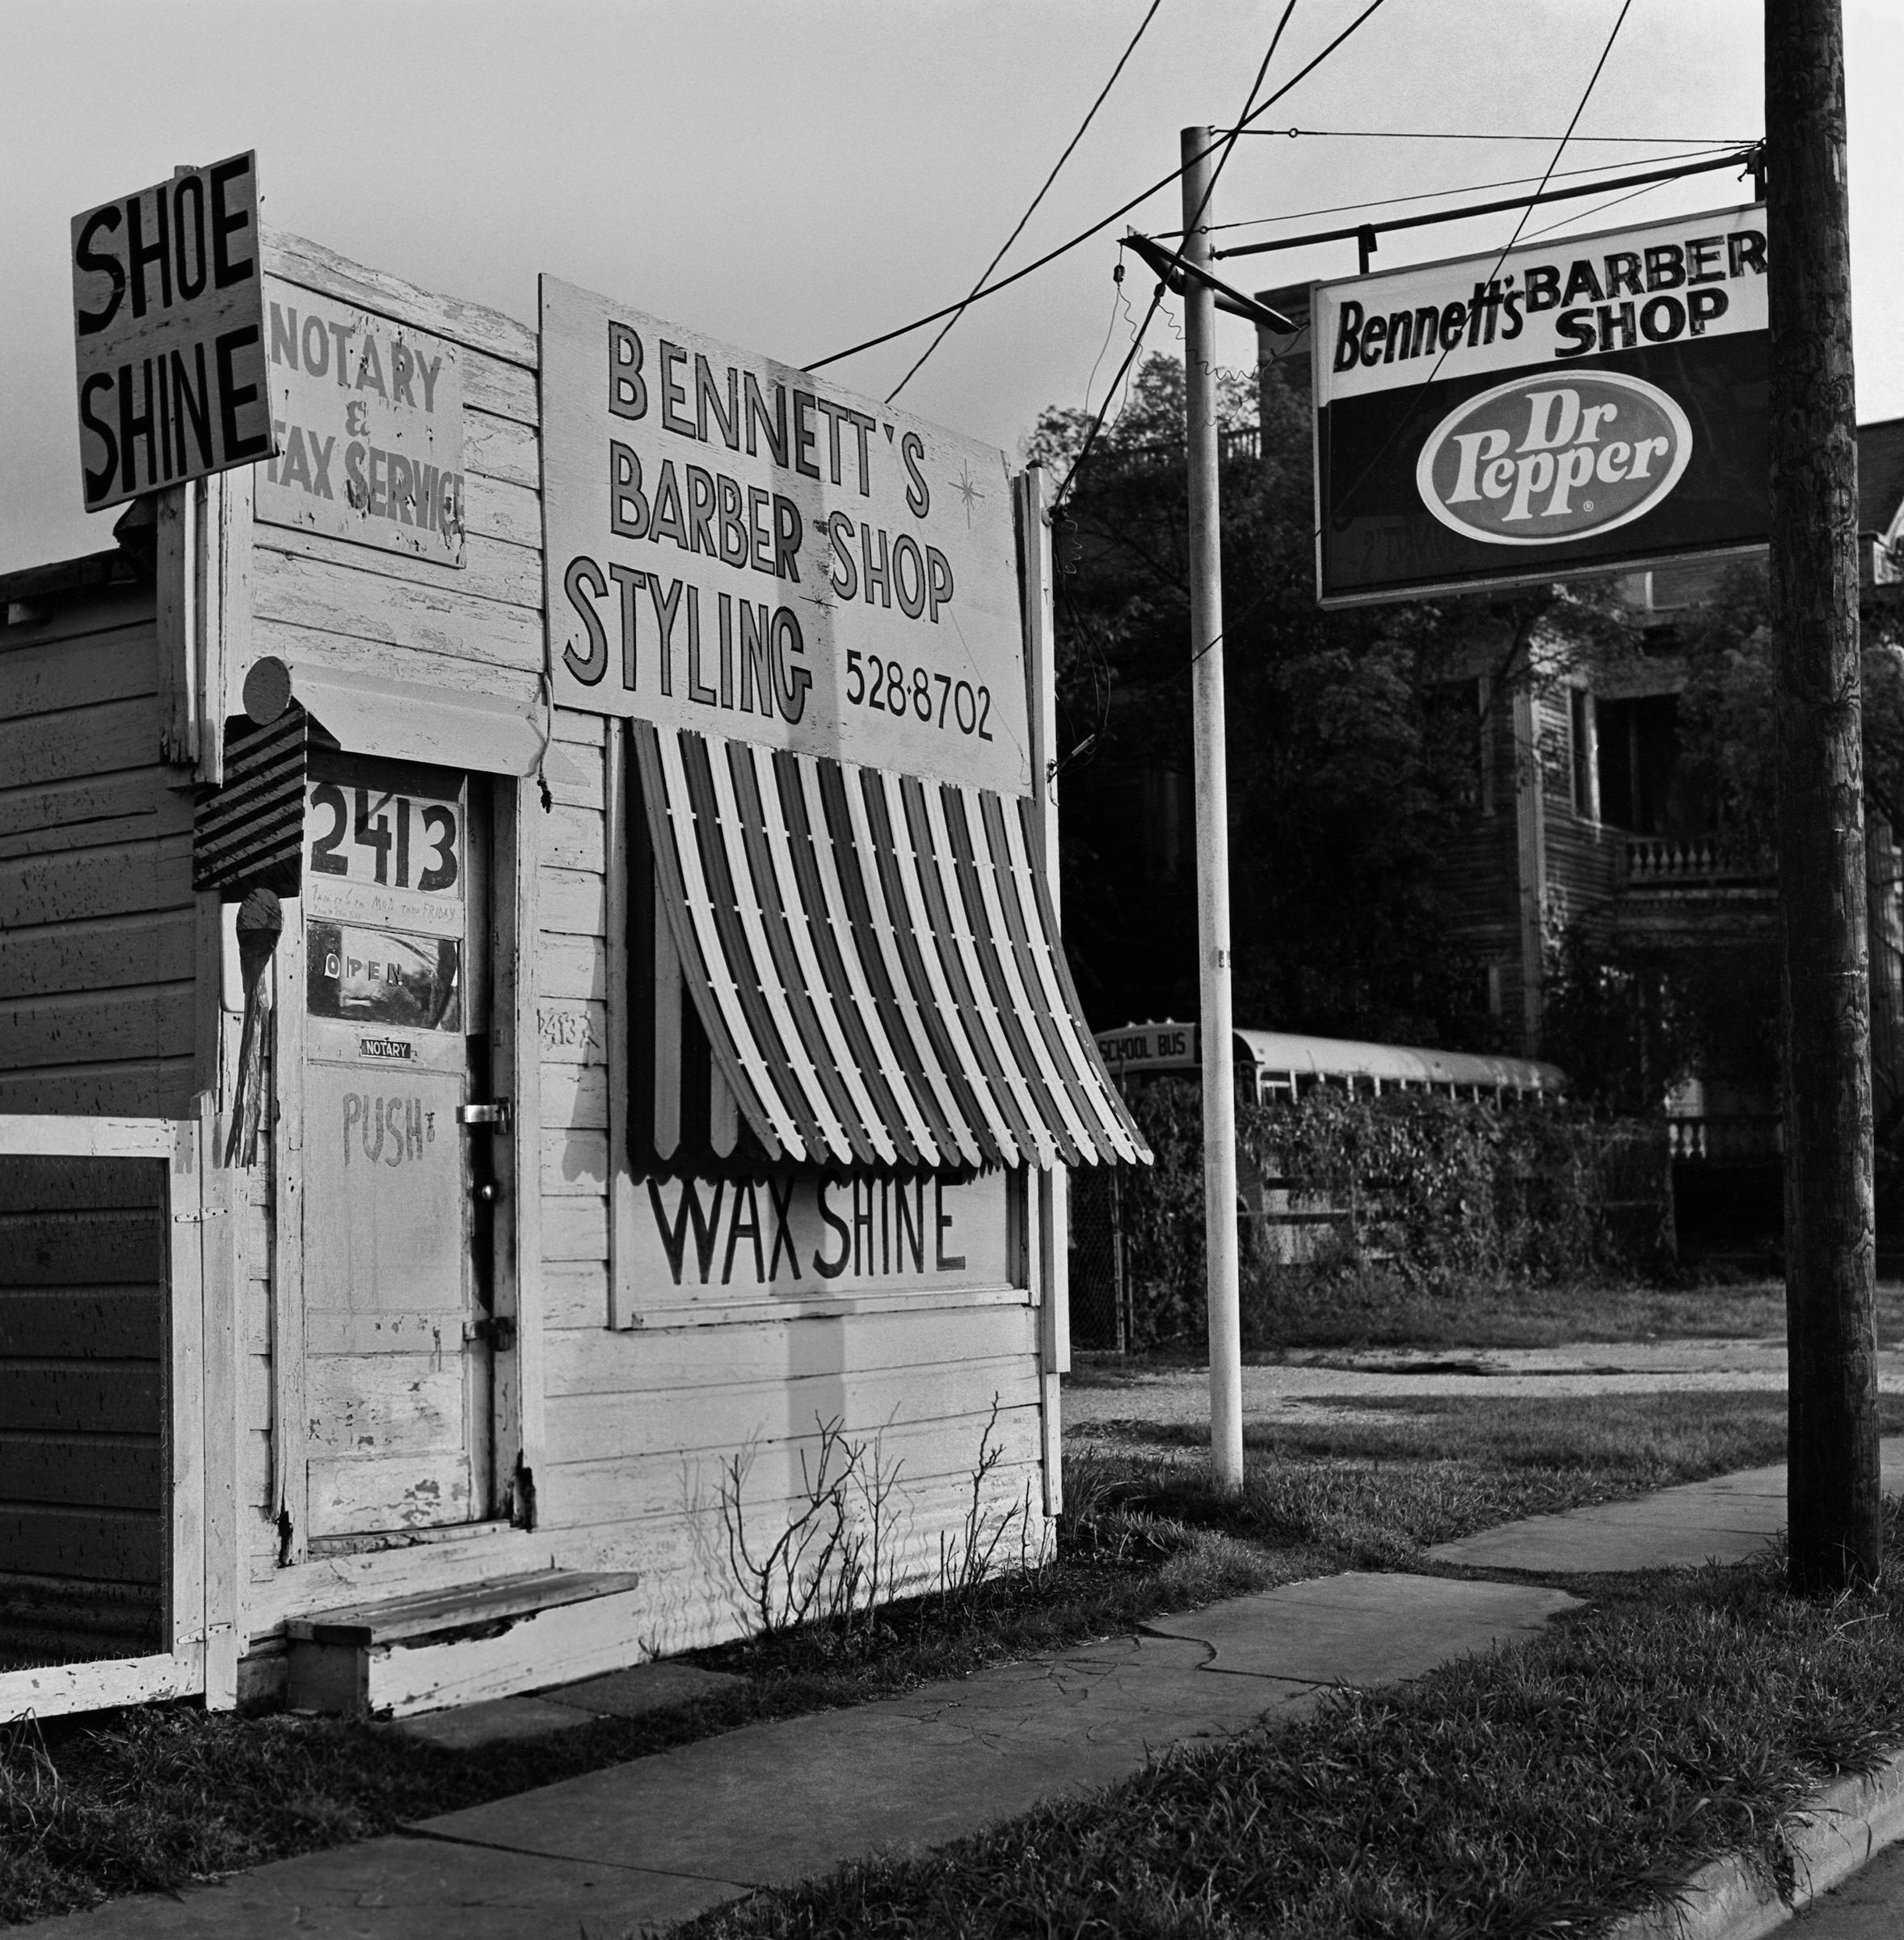 Bennet's Barber Shop (1989)